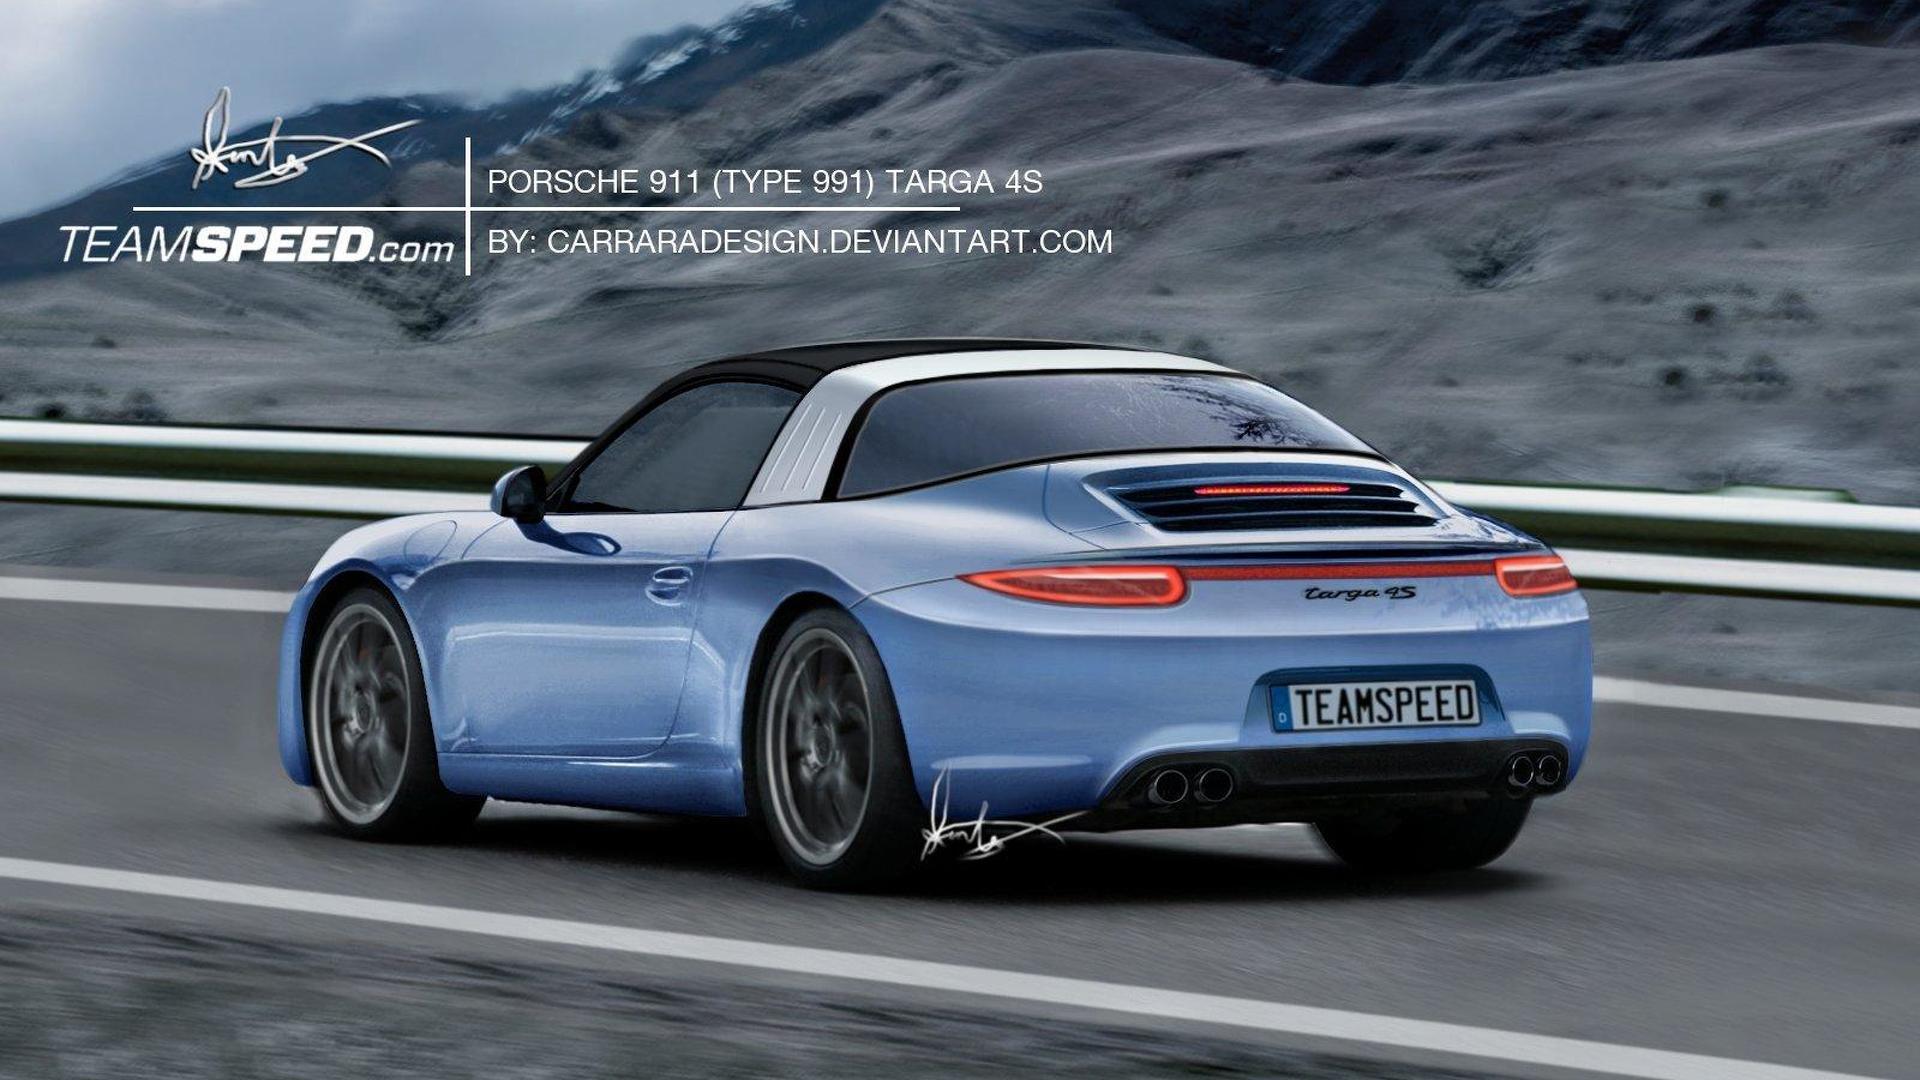 2014 Porsche 911 Targa Caught Testing First 2014 Html